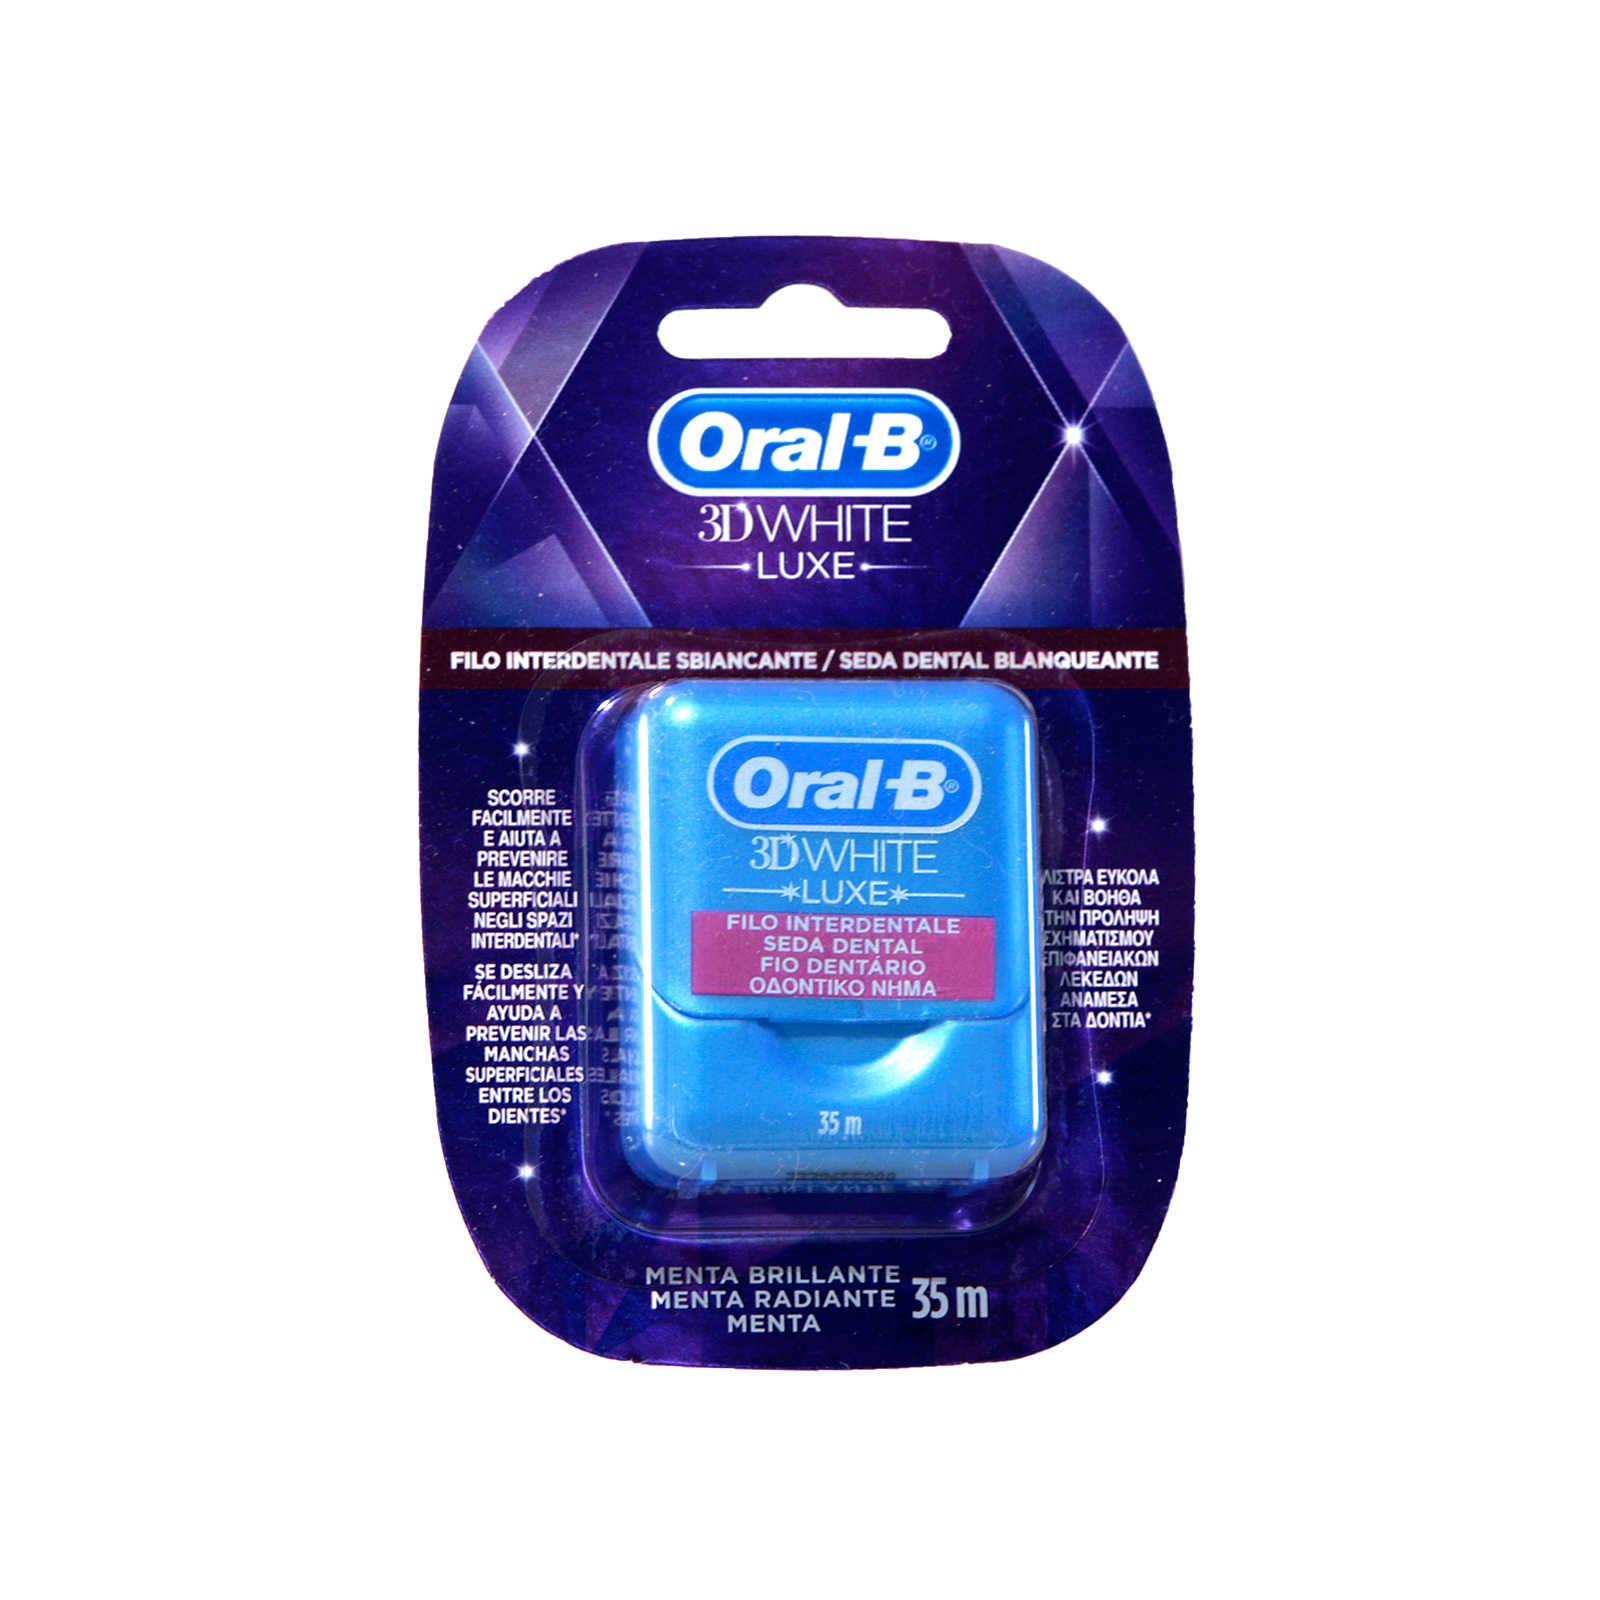 Oral-b - Filo interdentale - 3D White - Luxe